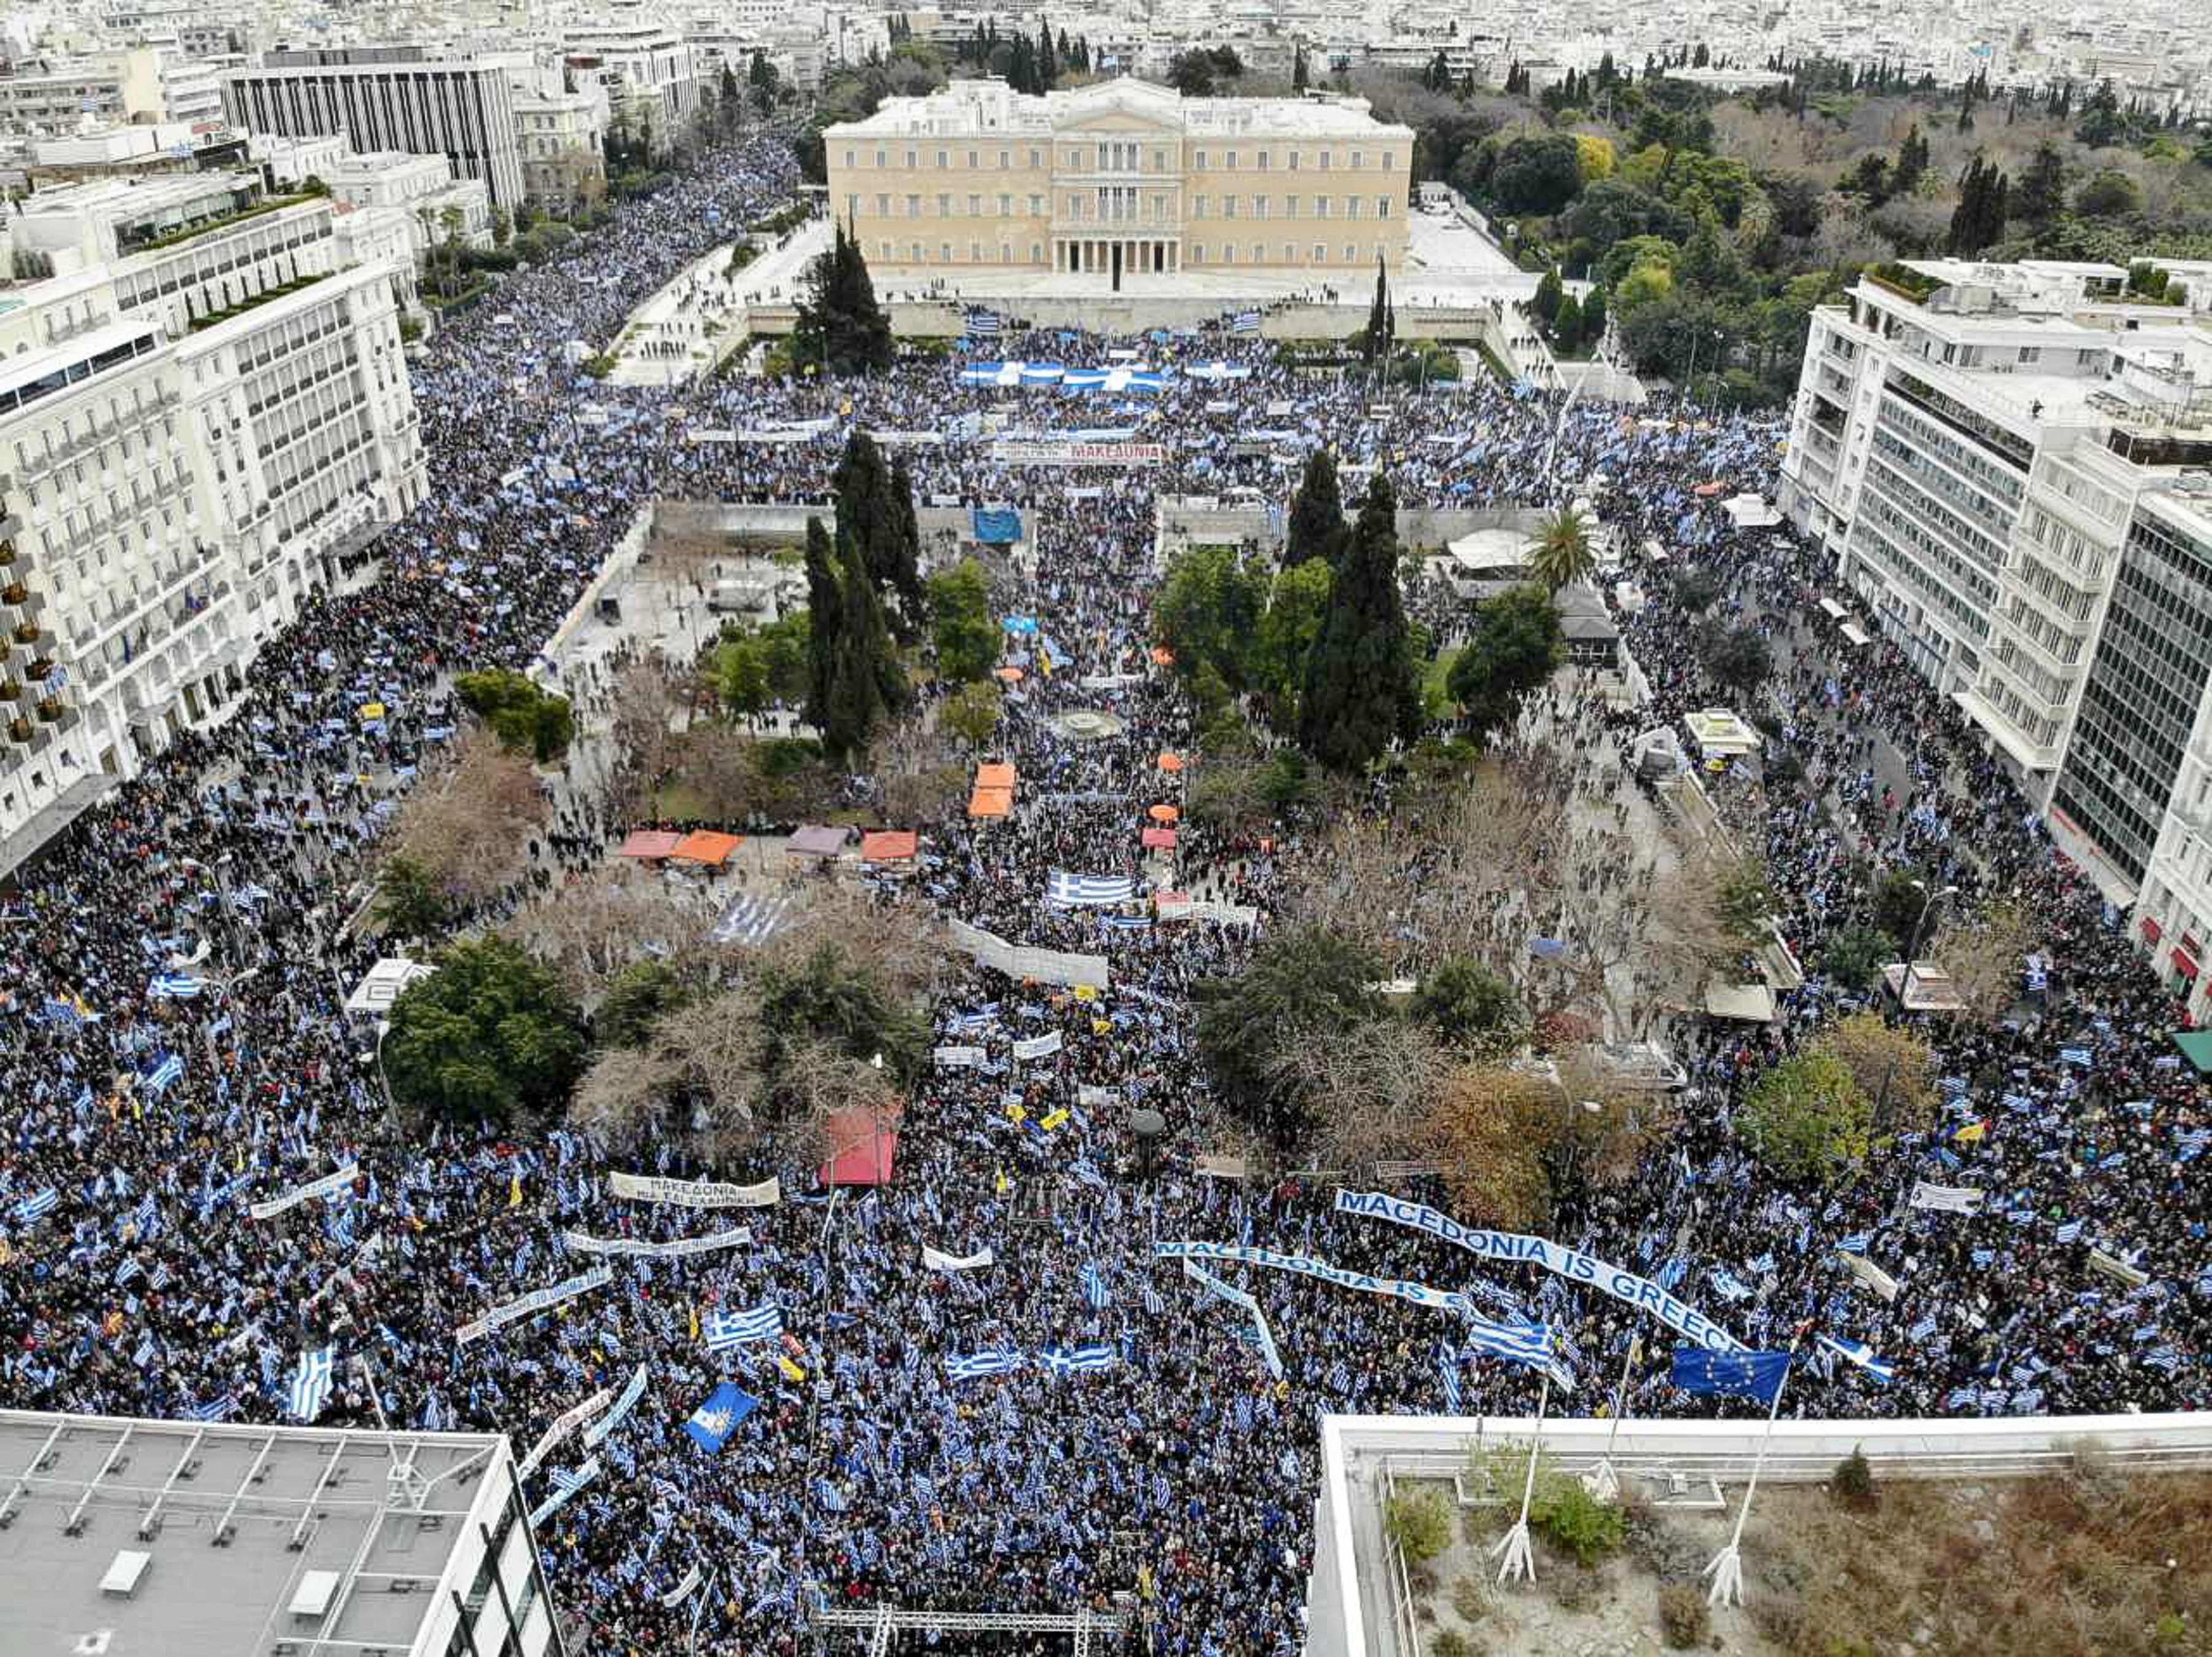 to-chroniko-ton-epeisodion-sto-syllalitirio-sto-syntagma-amp-8211-epta-syllipseis-kai-toylachiston-30-traymaties11